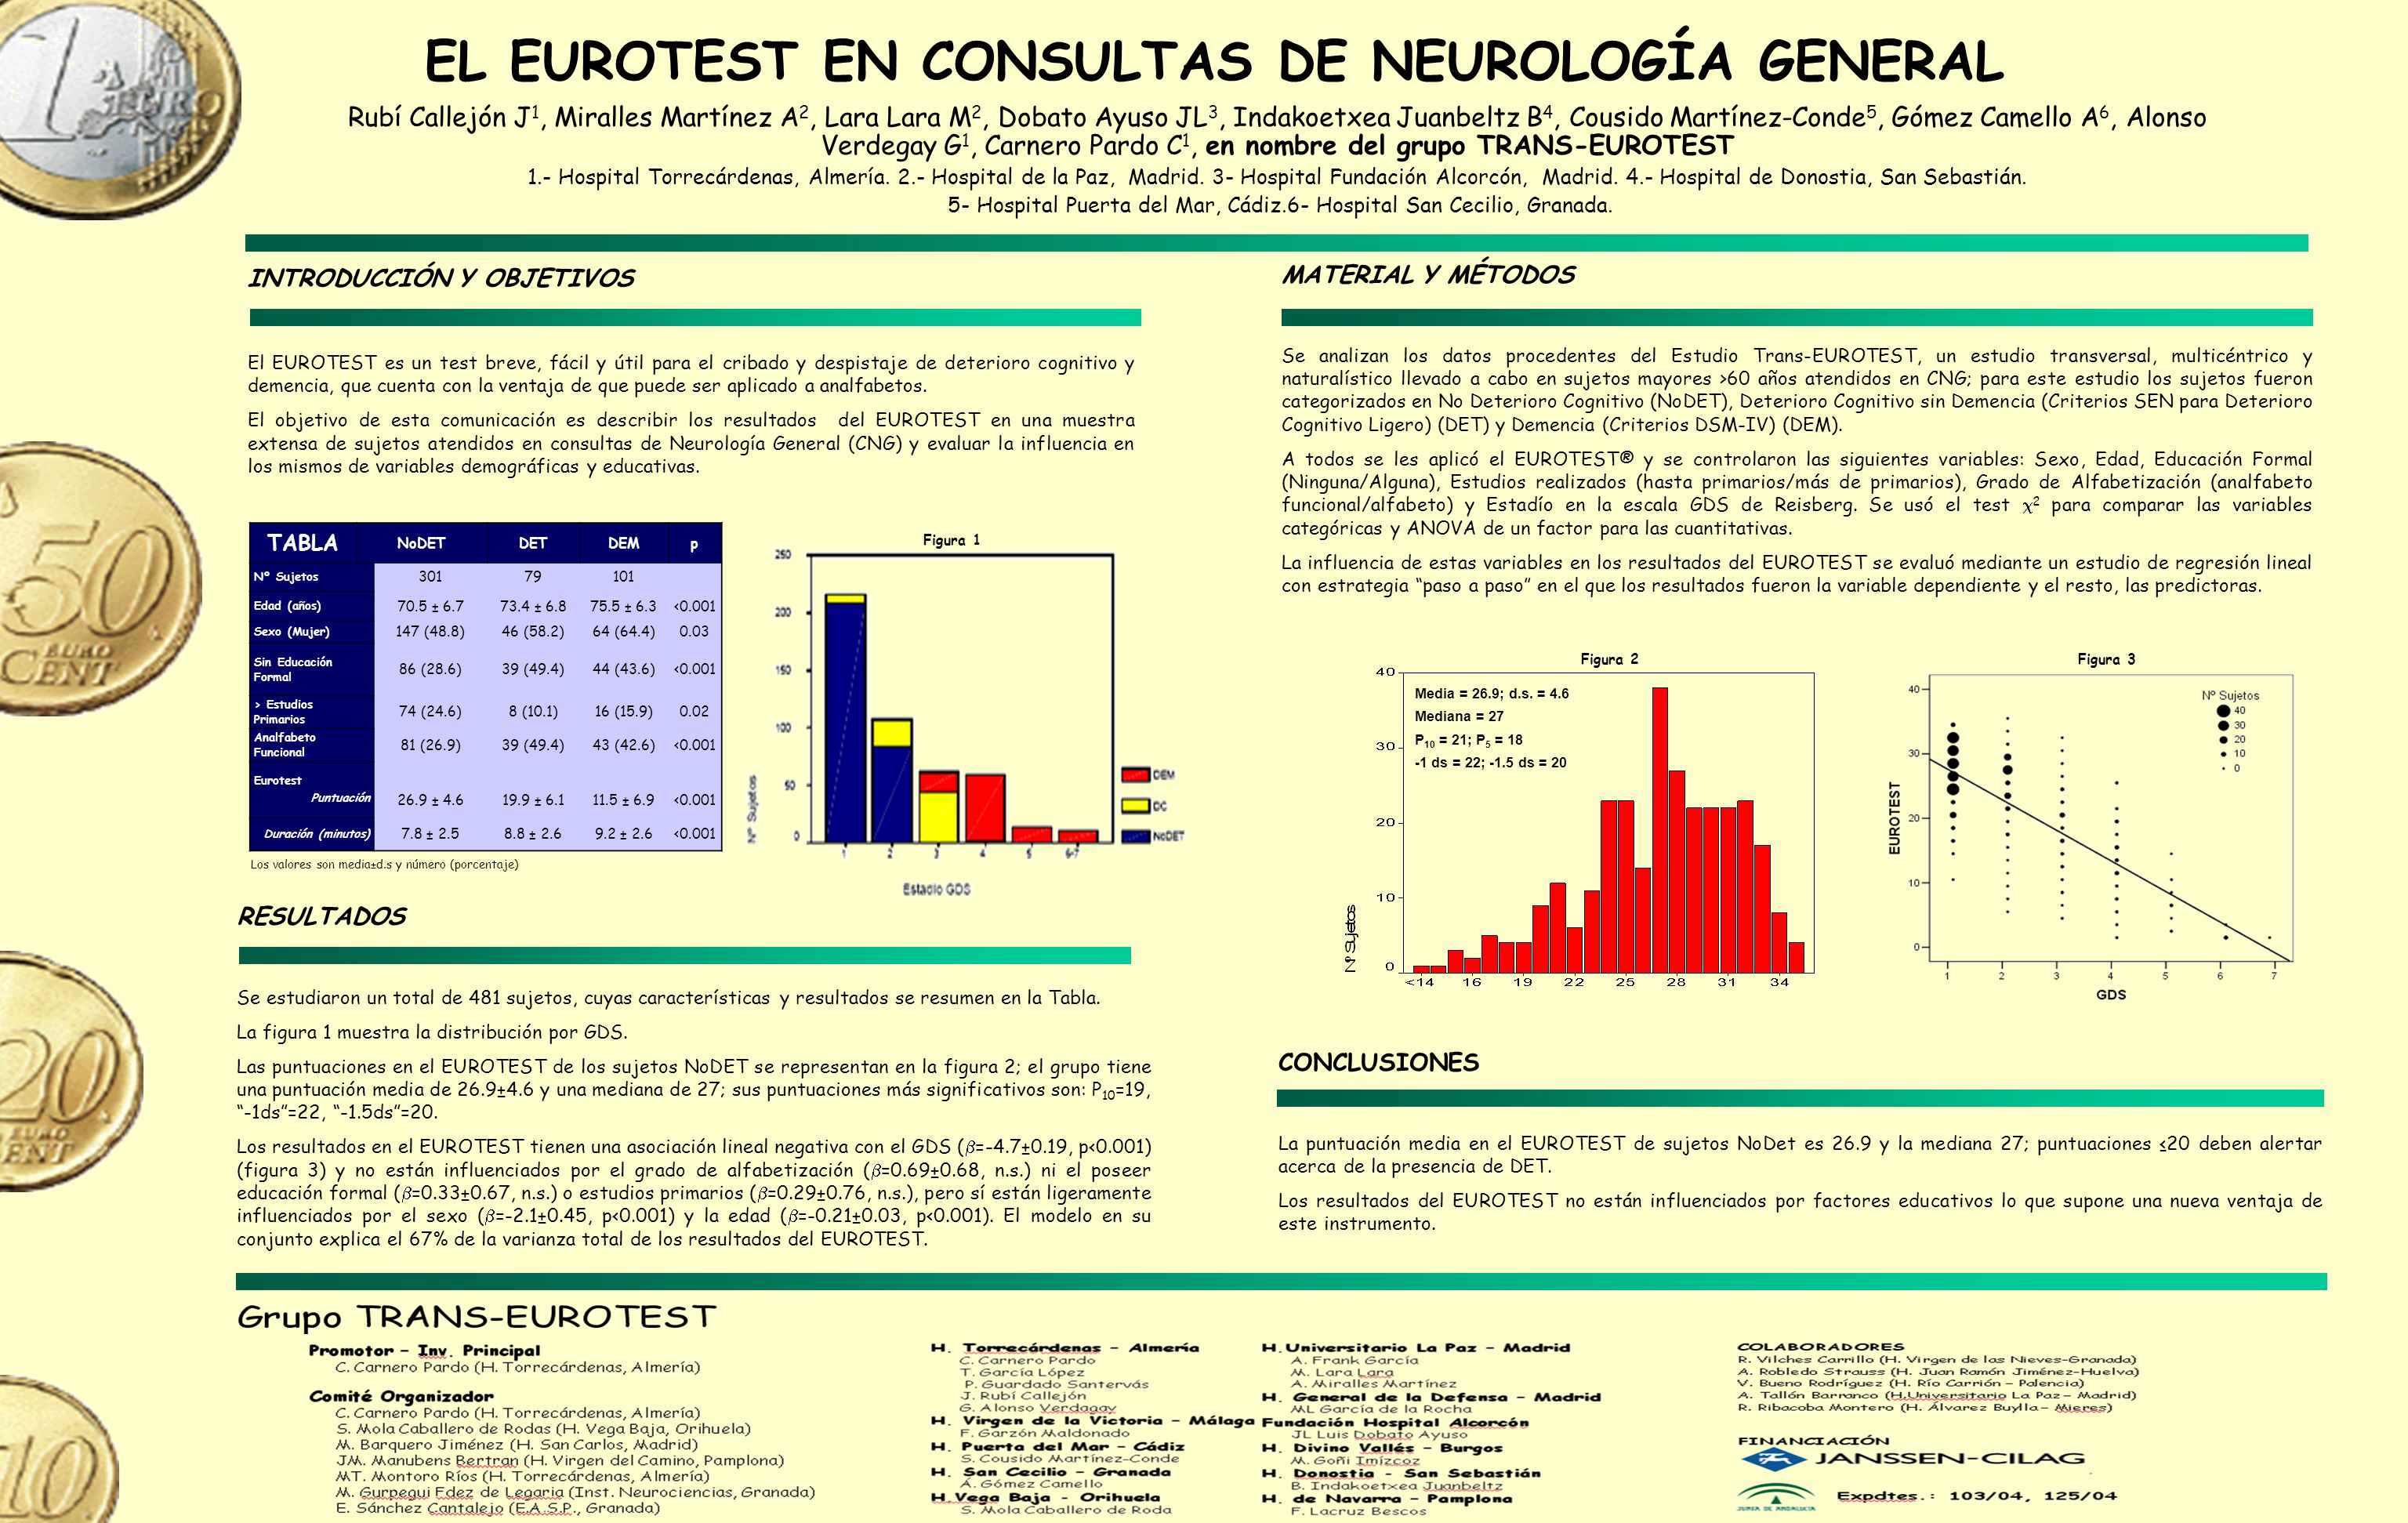 MATERIAL Y MÉTODOS Se analizan los datos procedentes del Estudio Trans-EUROTEST, un estudio transversal, multicéntrico y naturalístico llevado a cabo en sujetos mayores >60 años atendidos en CNG; para este estudio los sujetos fueron categorizados en No Deterioro Cognitivo (NoDET), Deterioro Cognitivo sin Demencia (Criterios SEN para Deterioro Cognitivo Ligero) (DET) y Demencia (Criterios DSM-IV) (DEM).